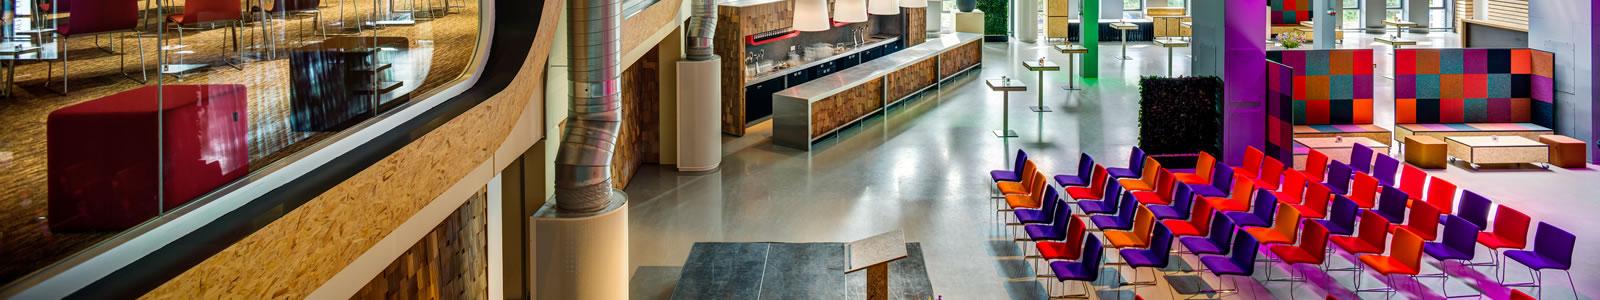 Slide congrescentrum lumen zwolle - Lumen centrum ...